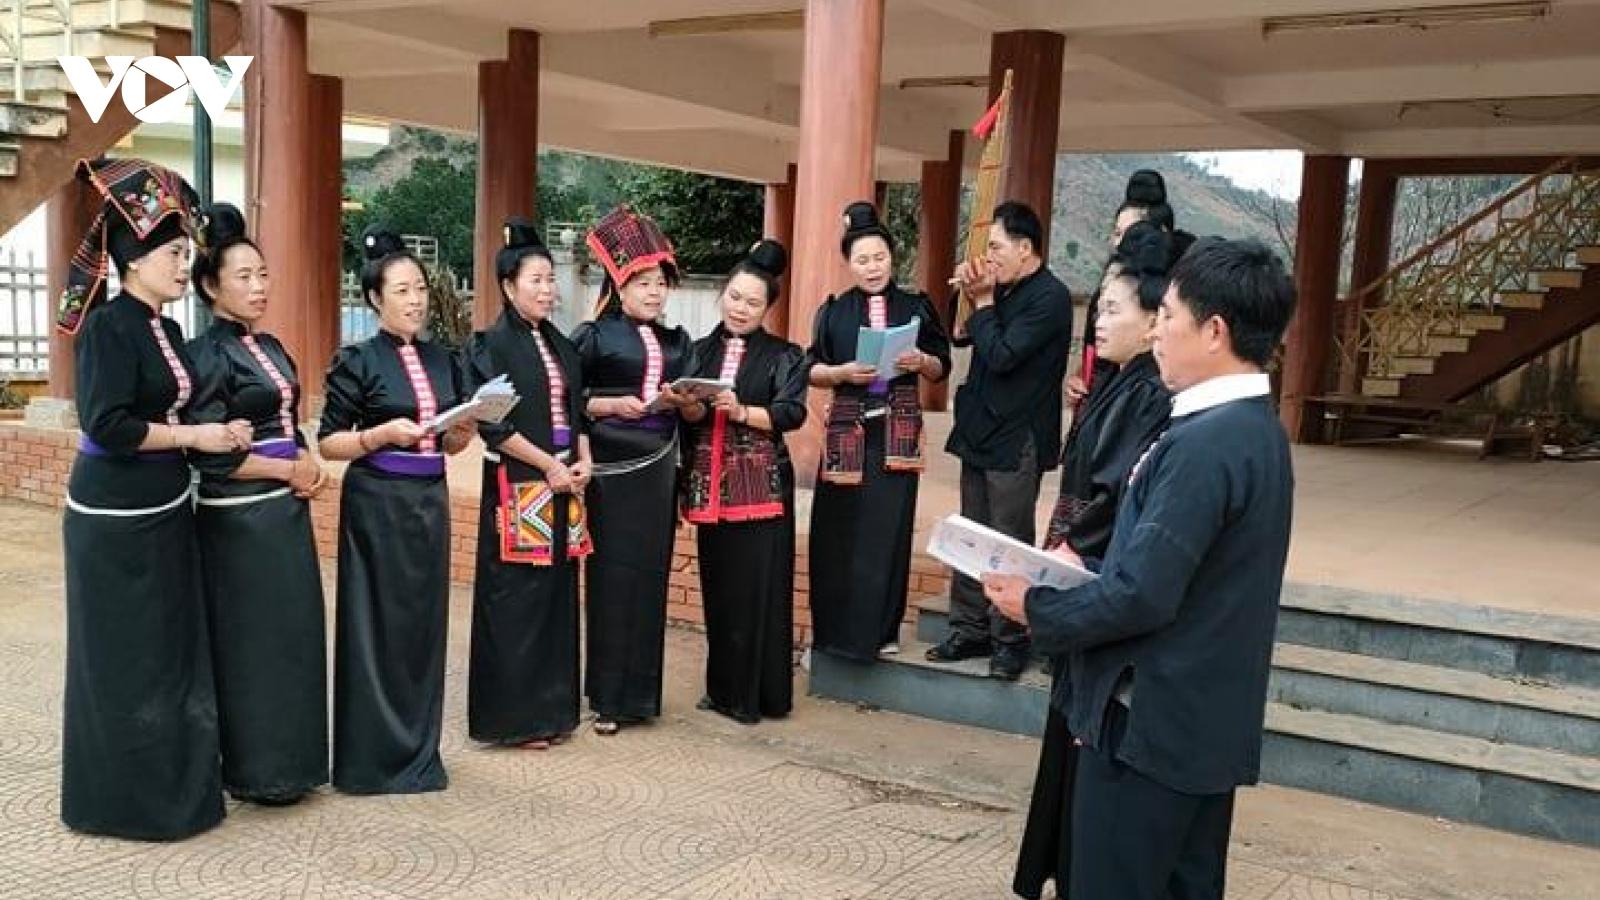 Bà con bản Hìn nỗ lực bảo tồn giá trị văn hoá dân tộc